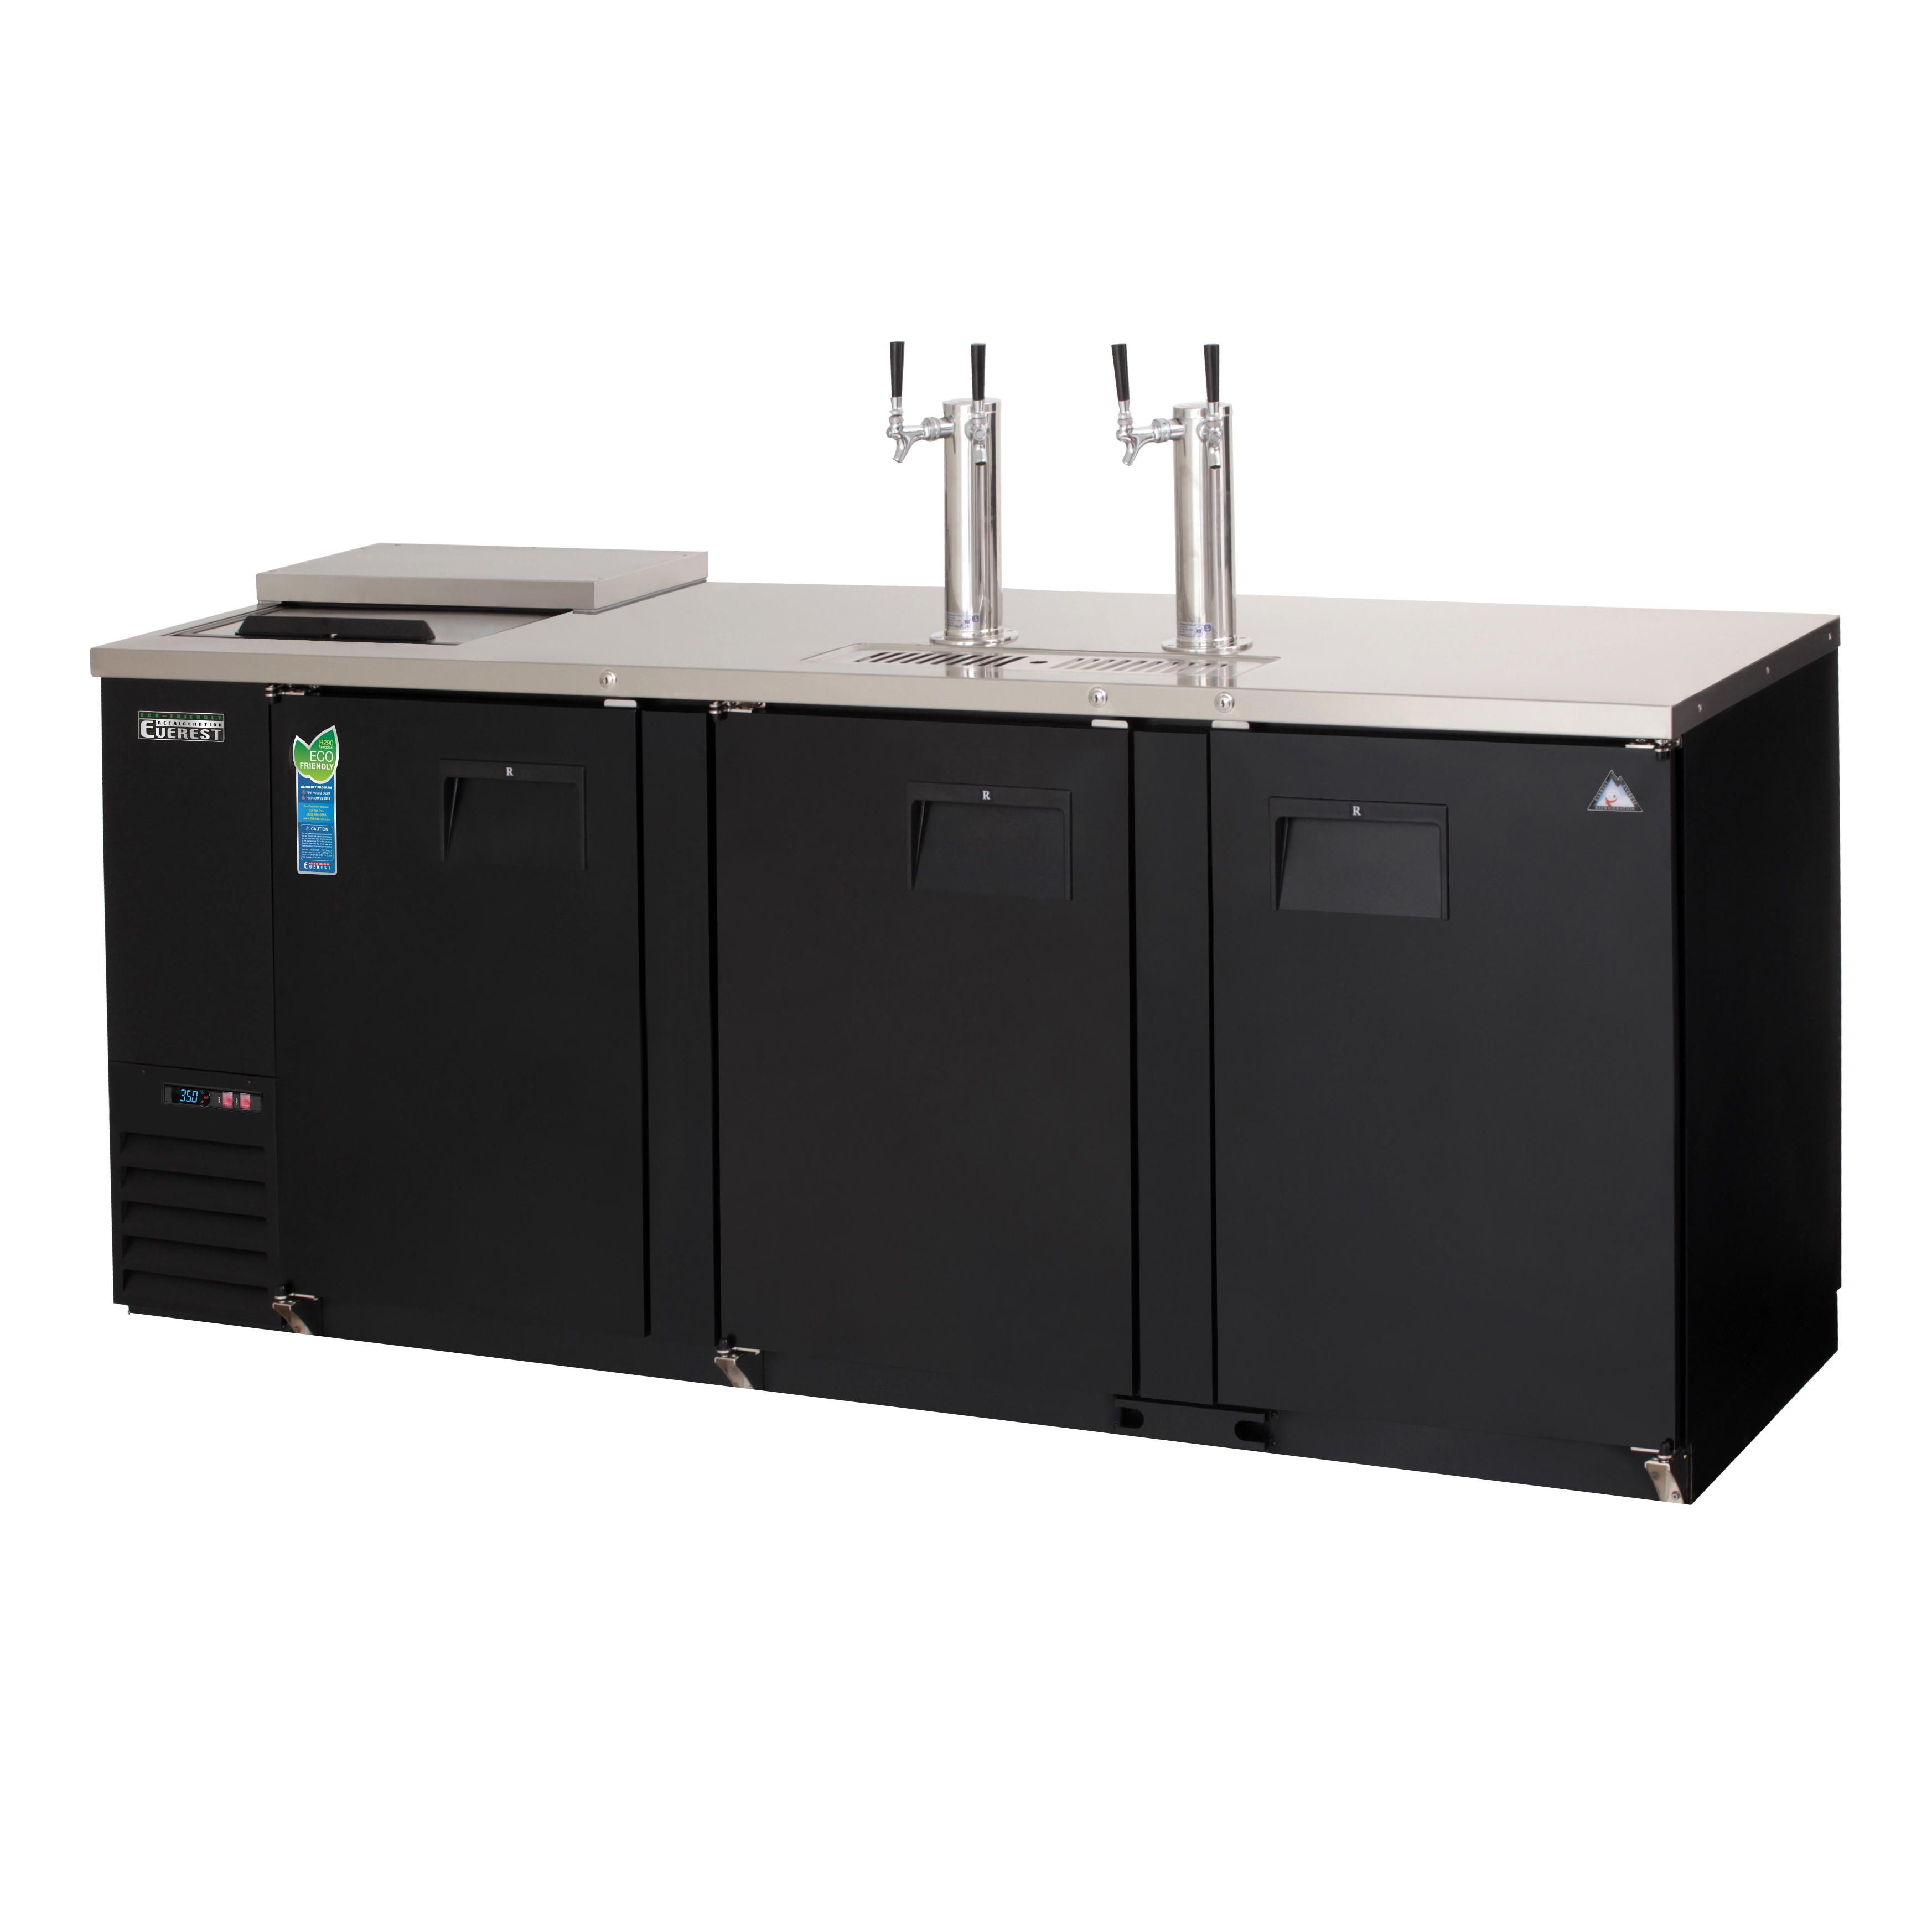 Everest Refrigeration EBD4-CT draft beer cooler